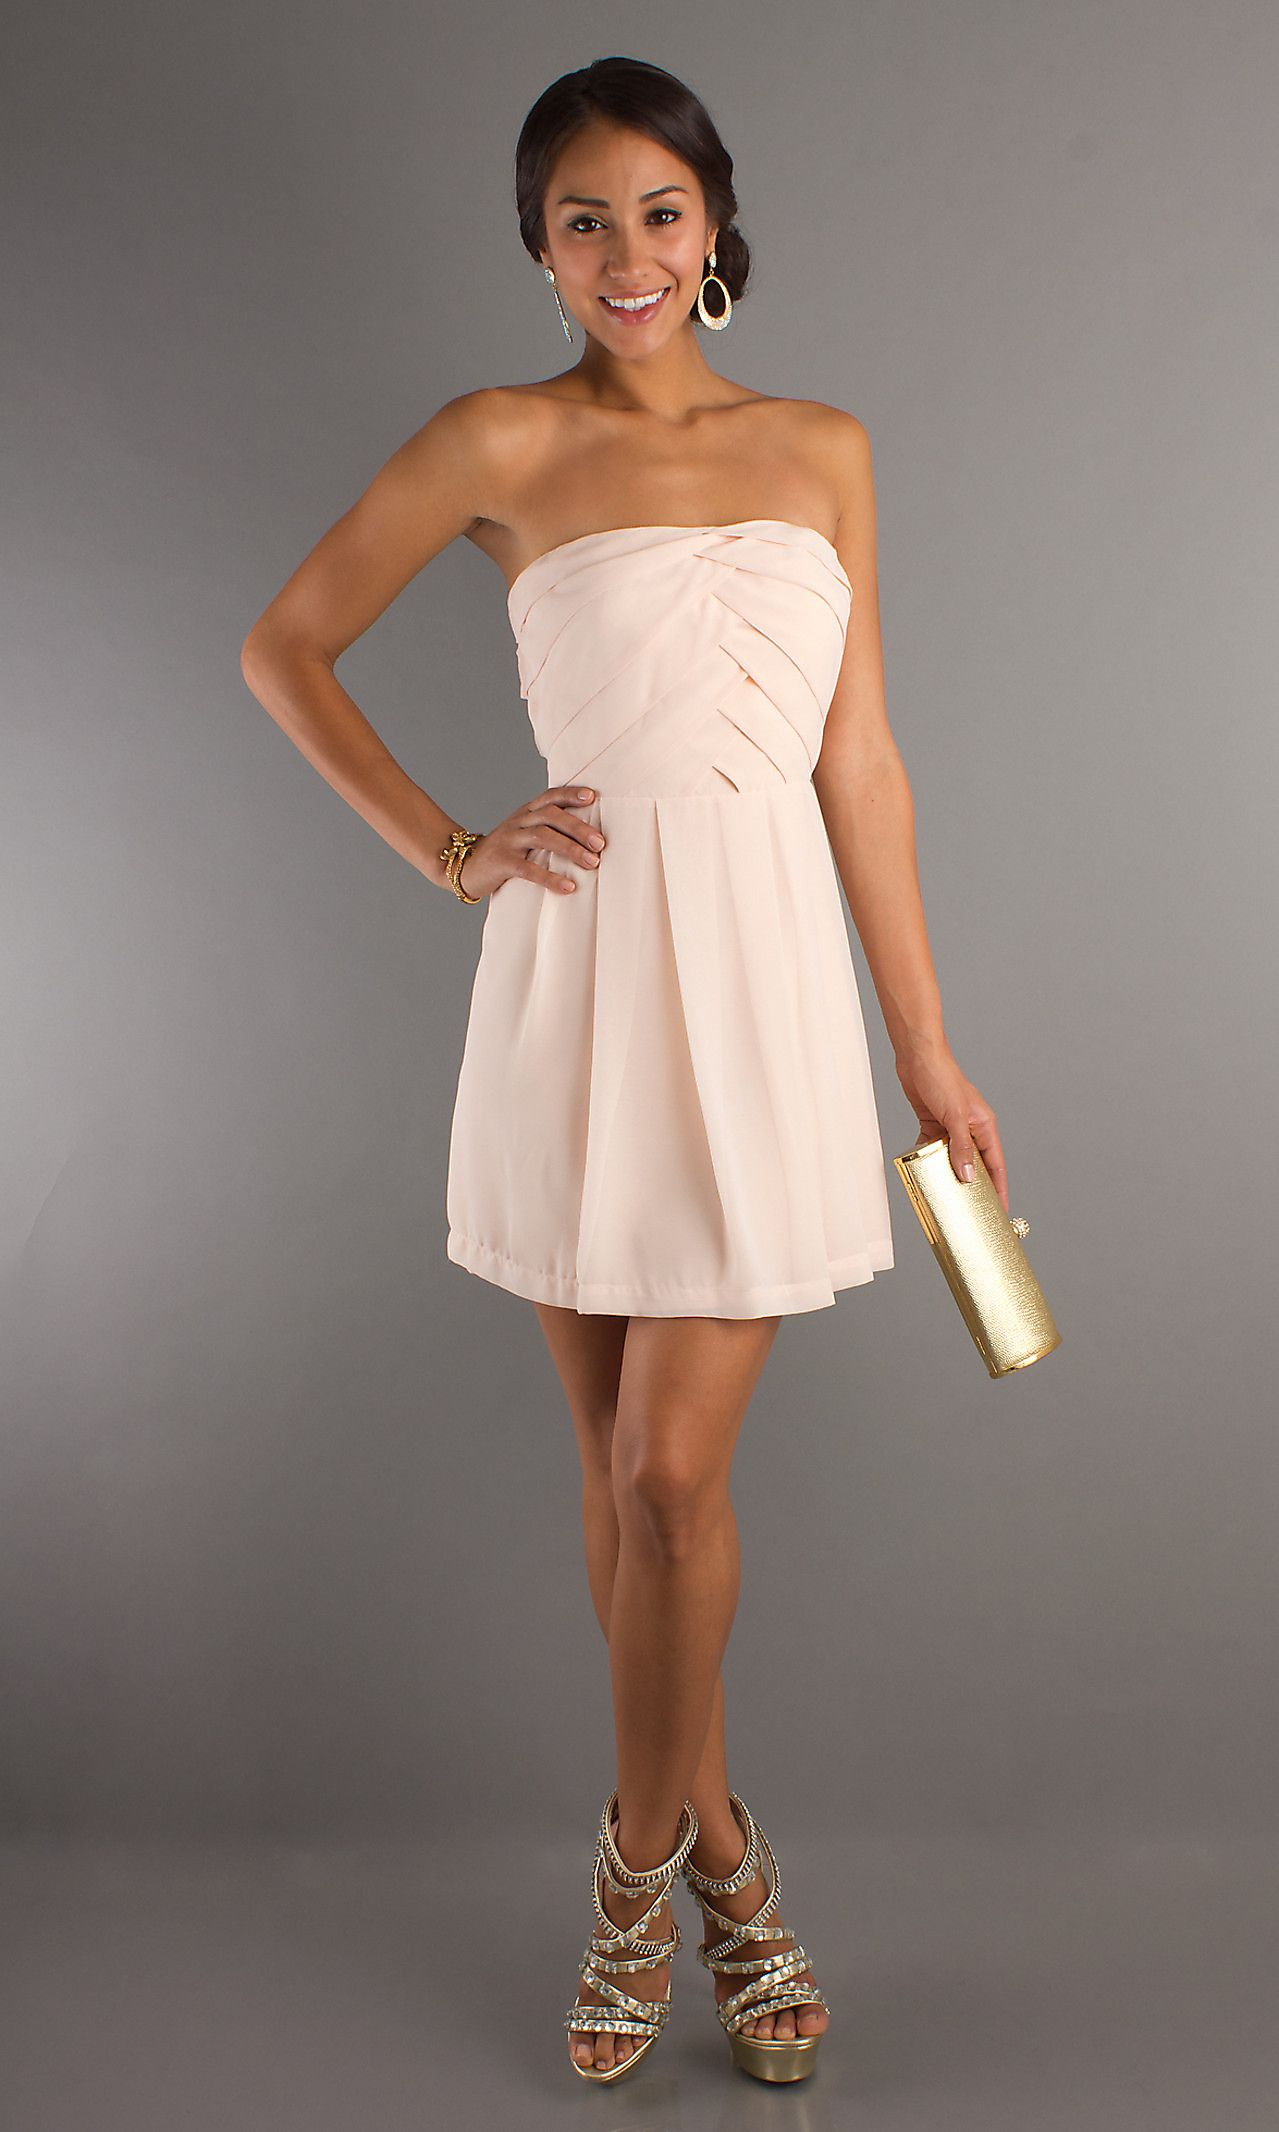 Short Strapless Semi Formal Dresses